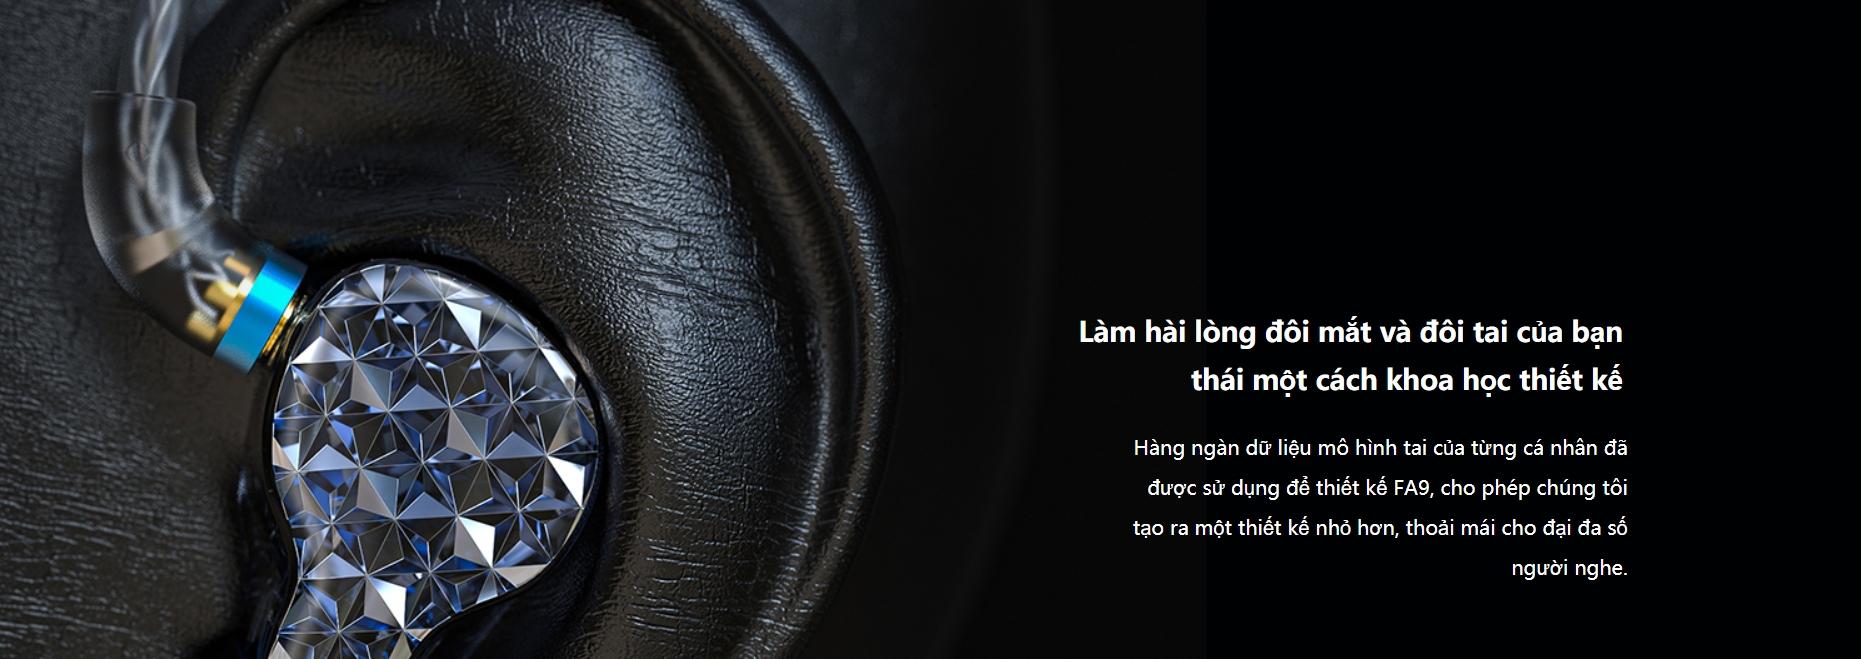 Tai nghe Fiio FA9 với 6 driver BA mới có công tắc điều khiển dải âm và trở kháng